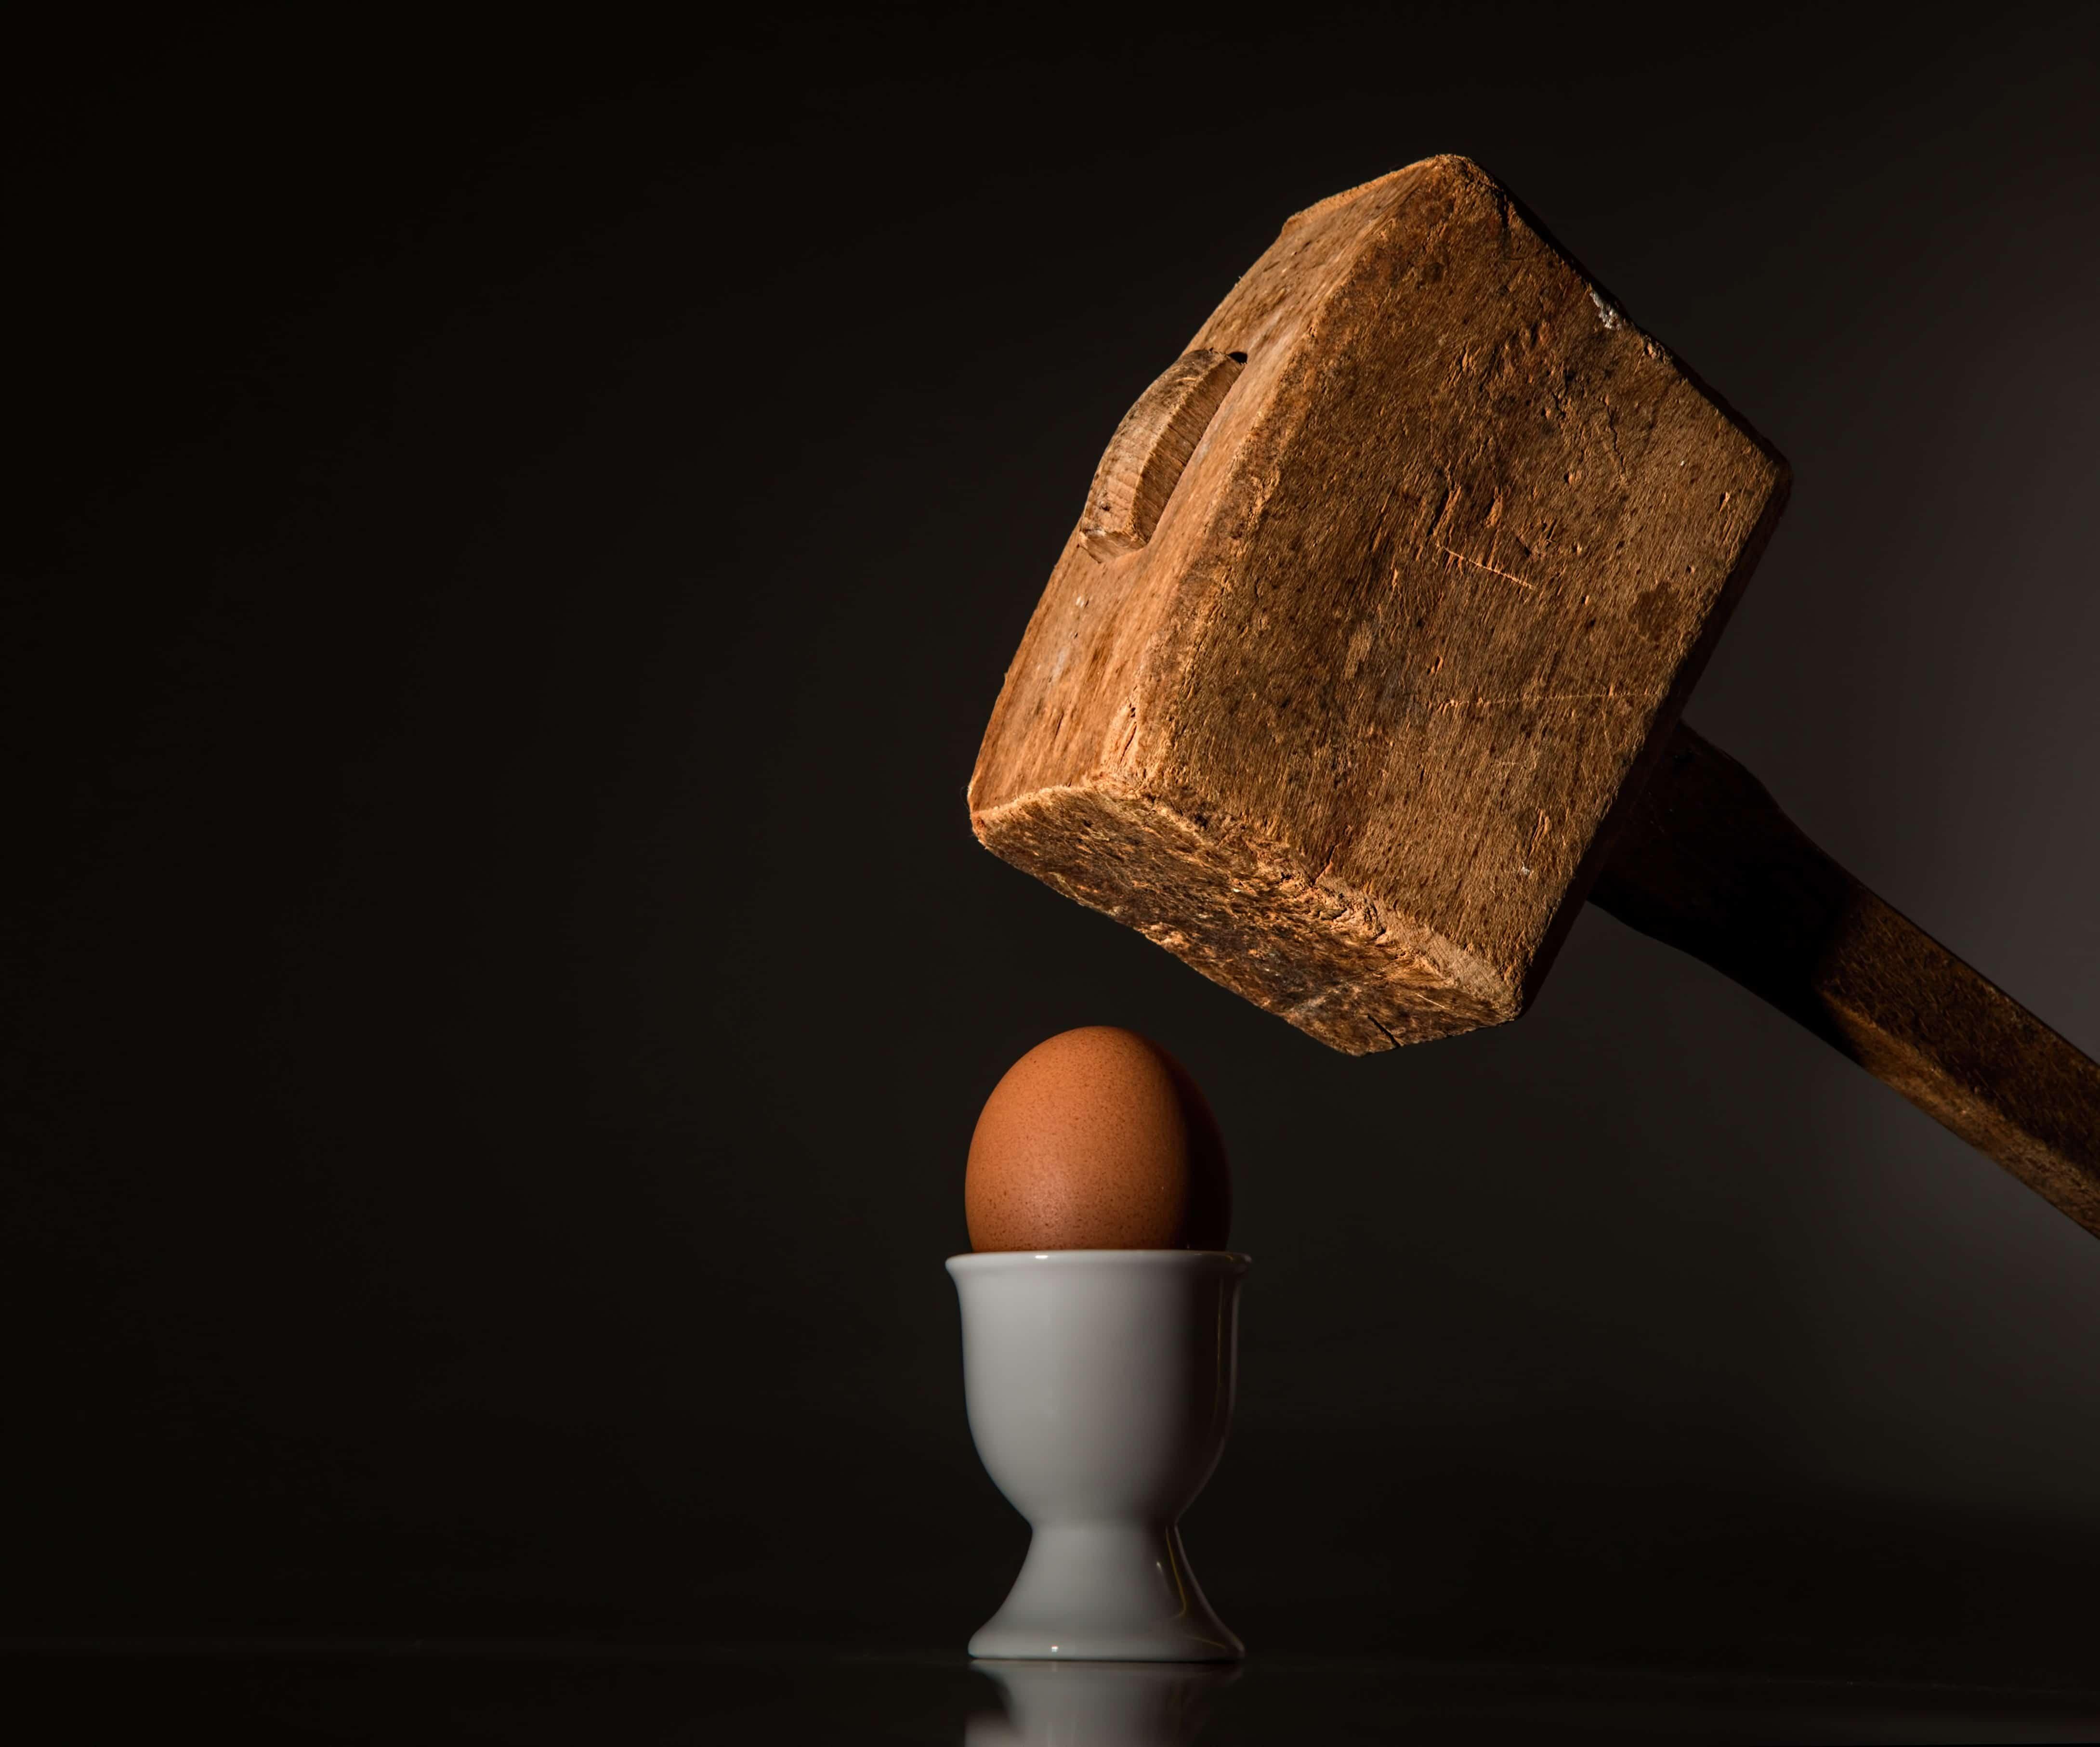 Holzhammer und Ei